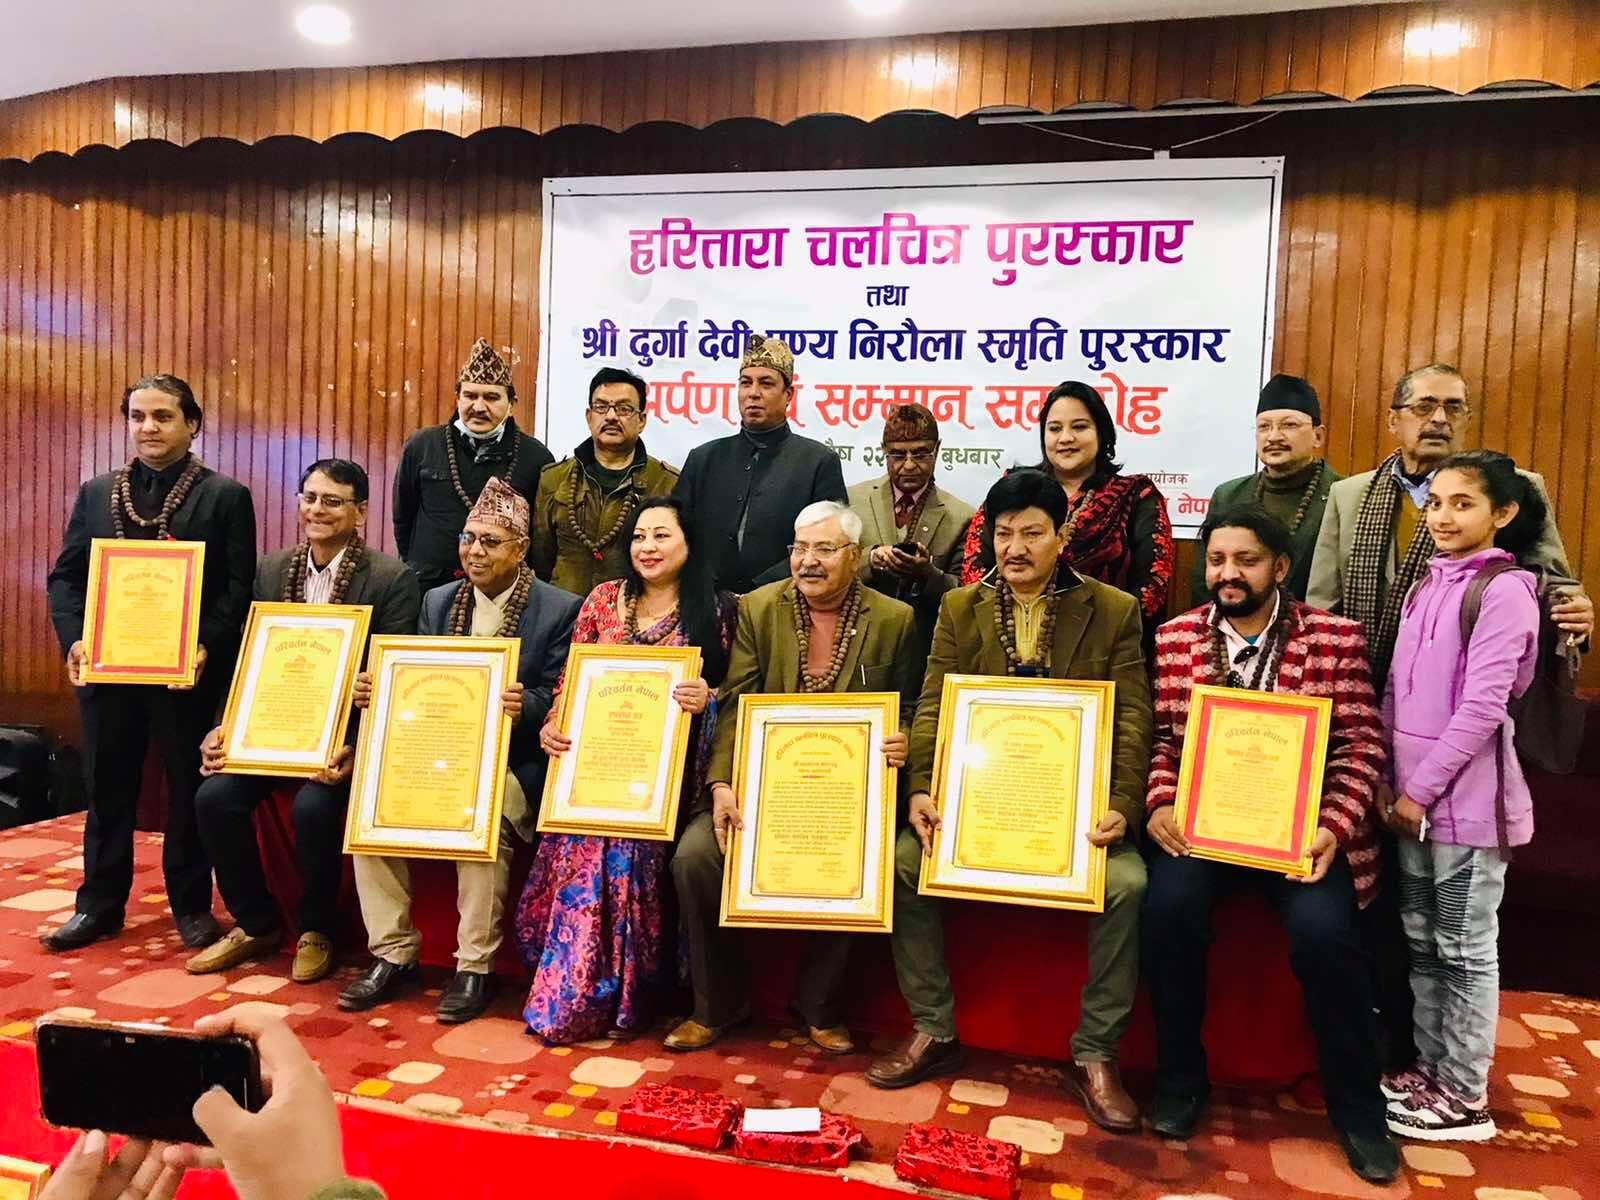 Haritara Chalachitra puraskar